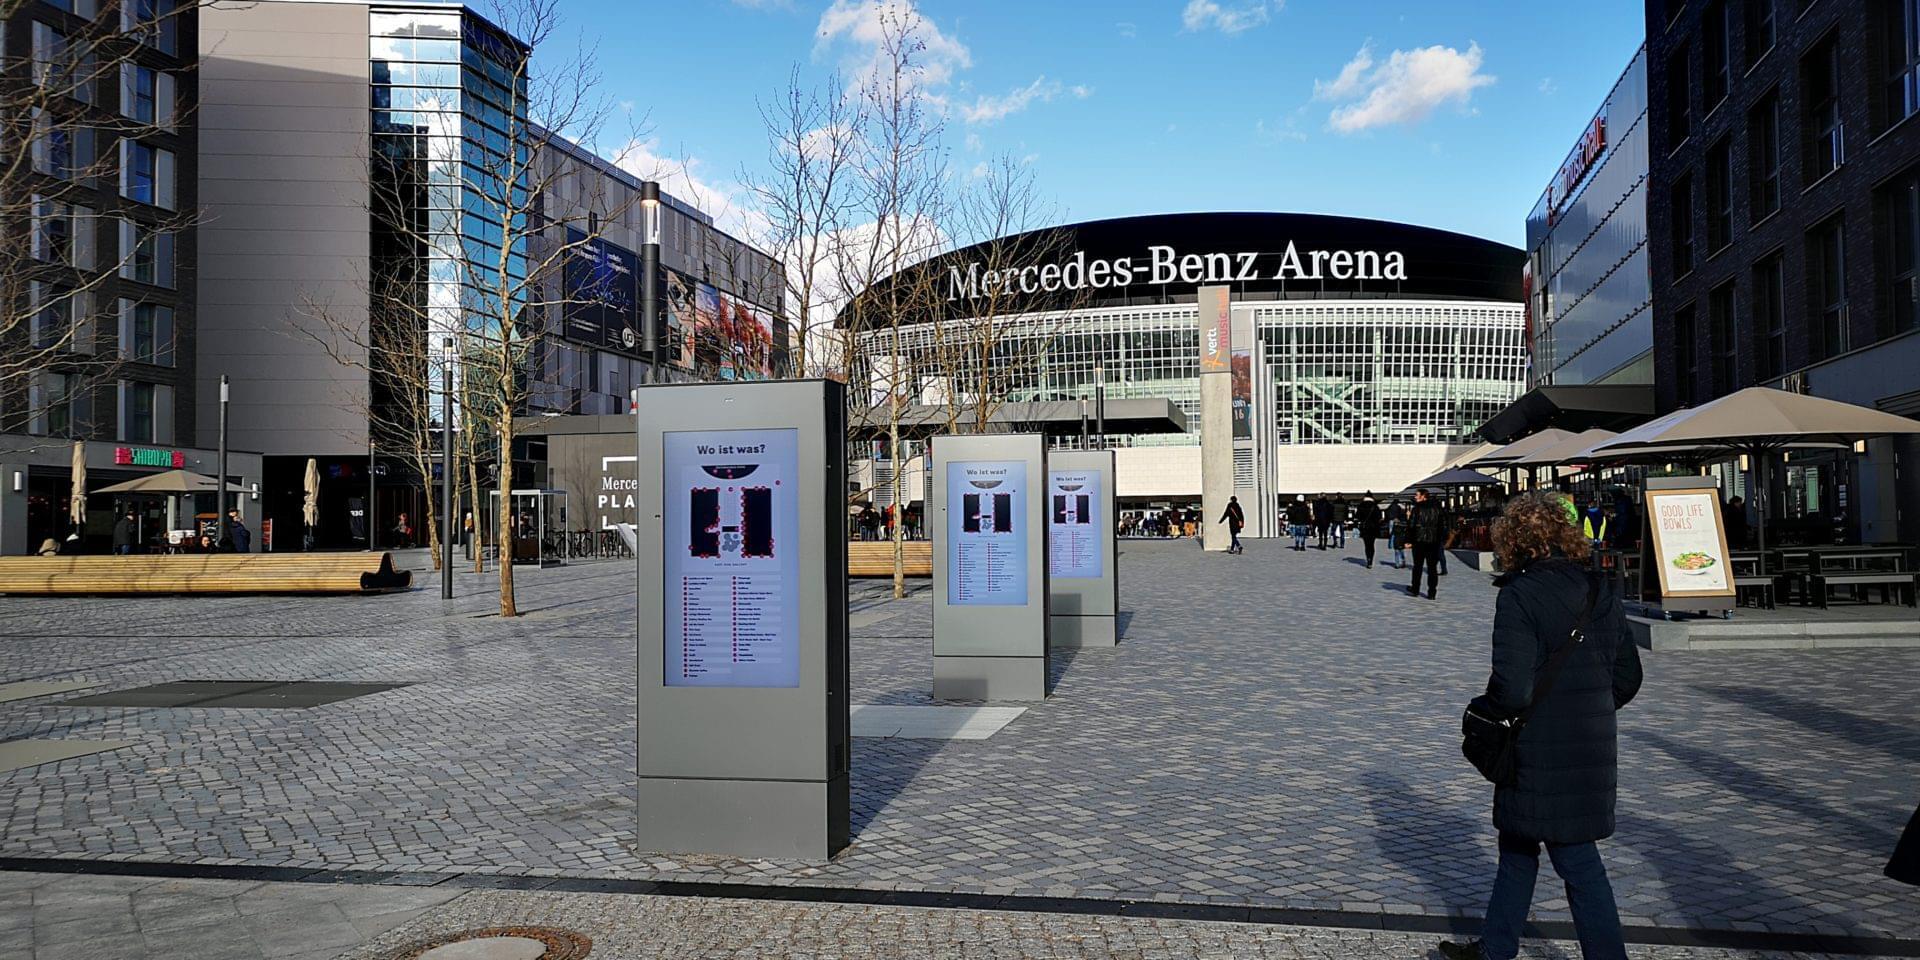 Mercedes Benz Arena Digital Signage by eKiosk